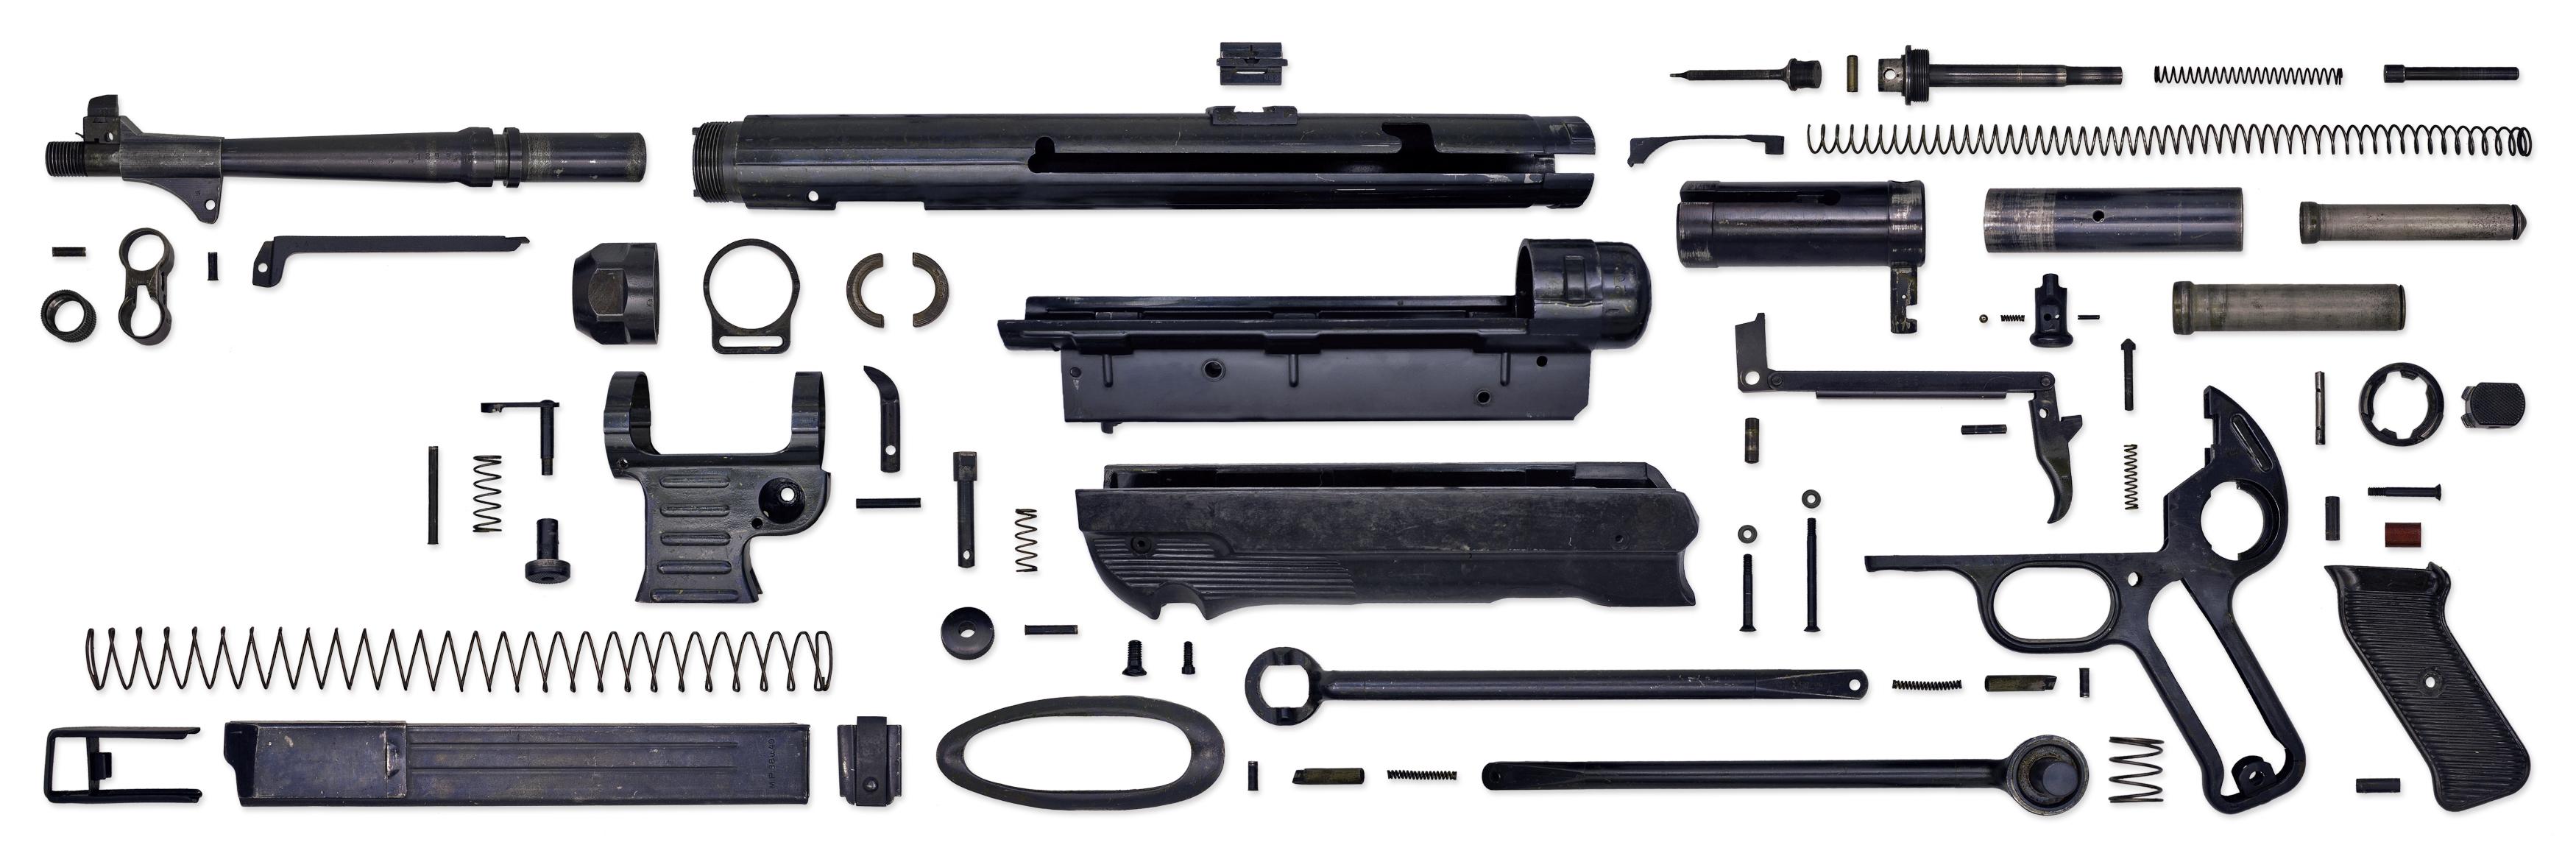 mp40 parts Gallery